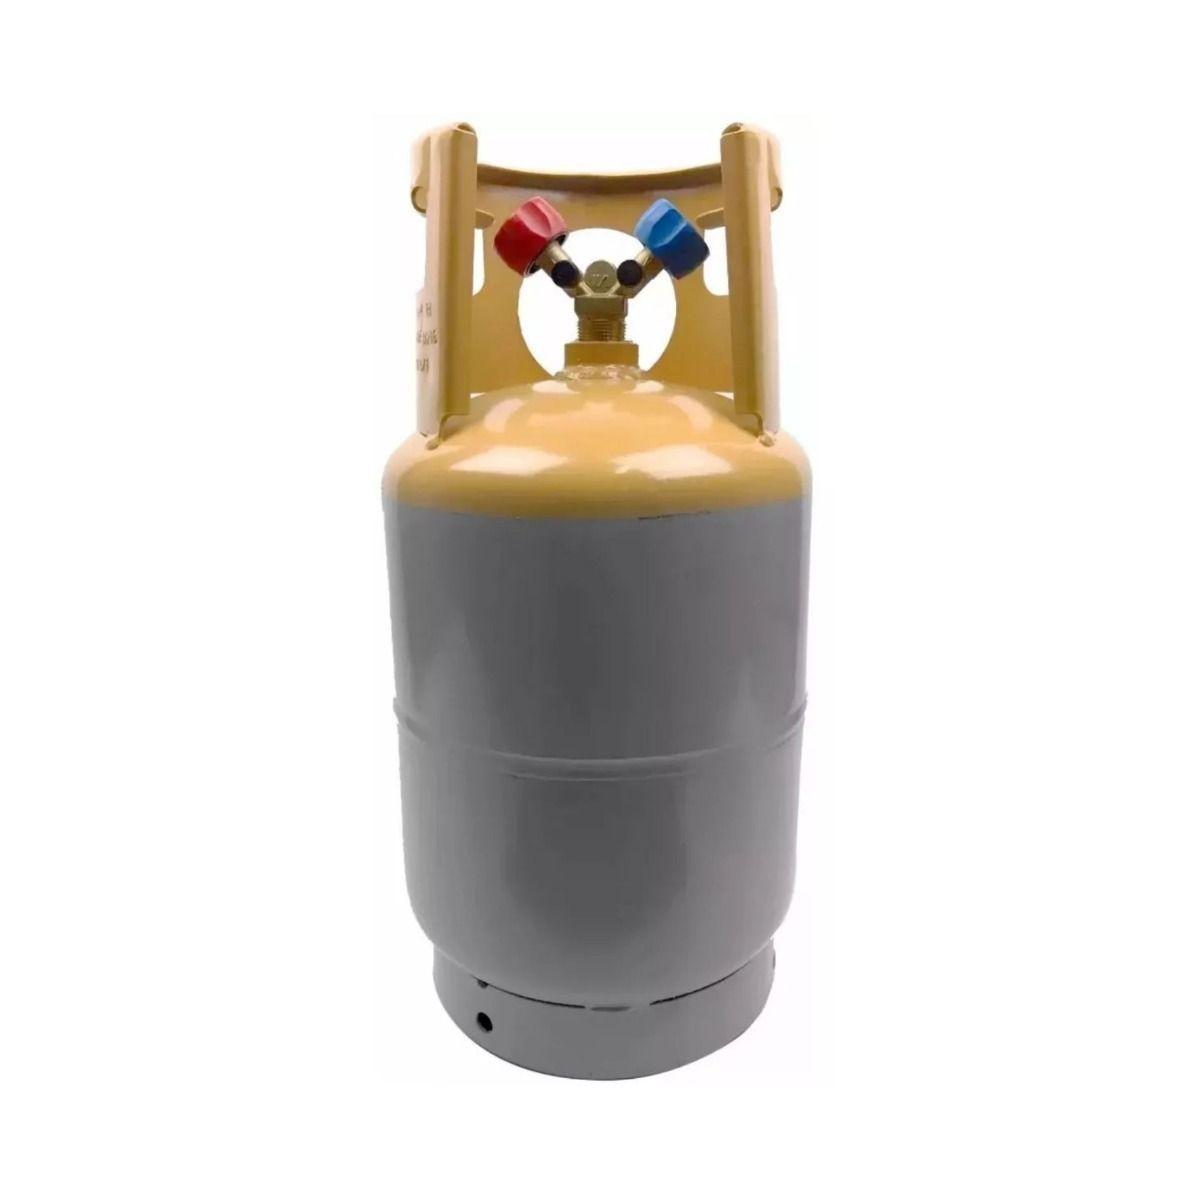 Tanque Recolhedor Recicladora Gás Refrigerante 13,6 Kg/10lbs - Tipi